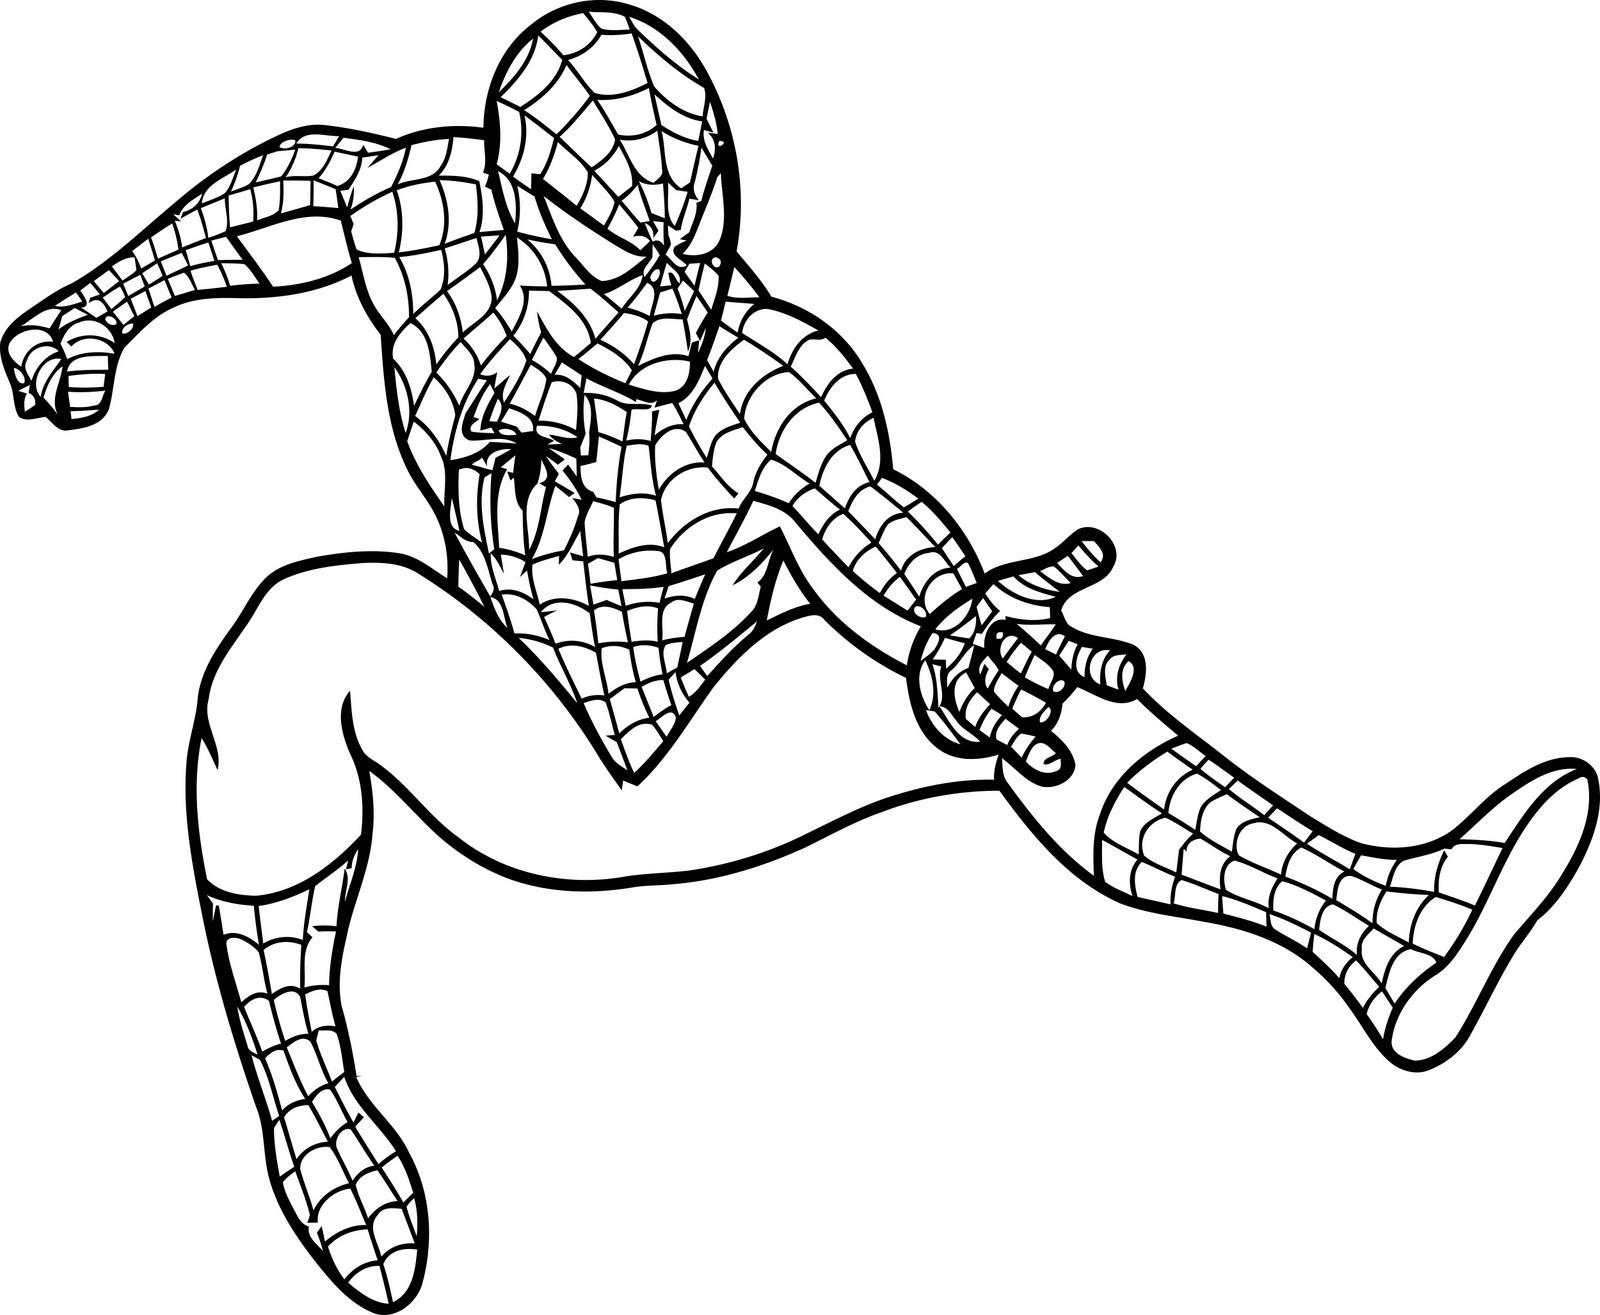 1600x1315 Unique Coloring Pages Spiderman